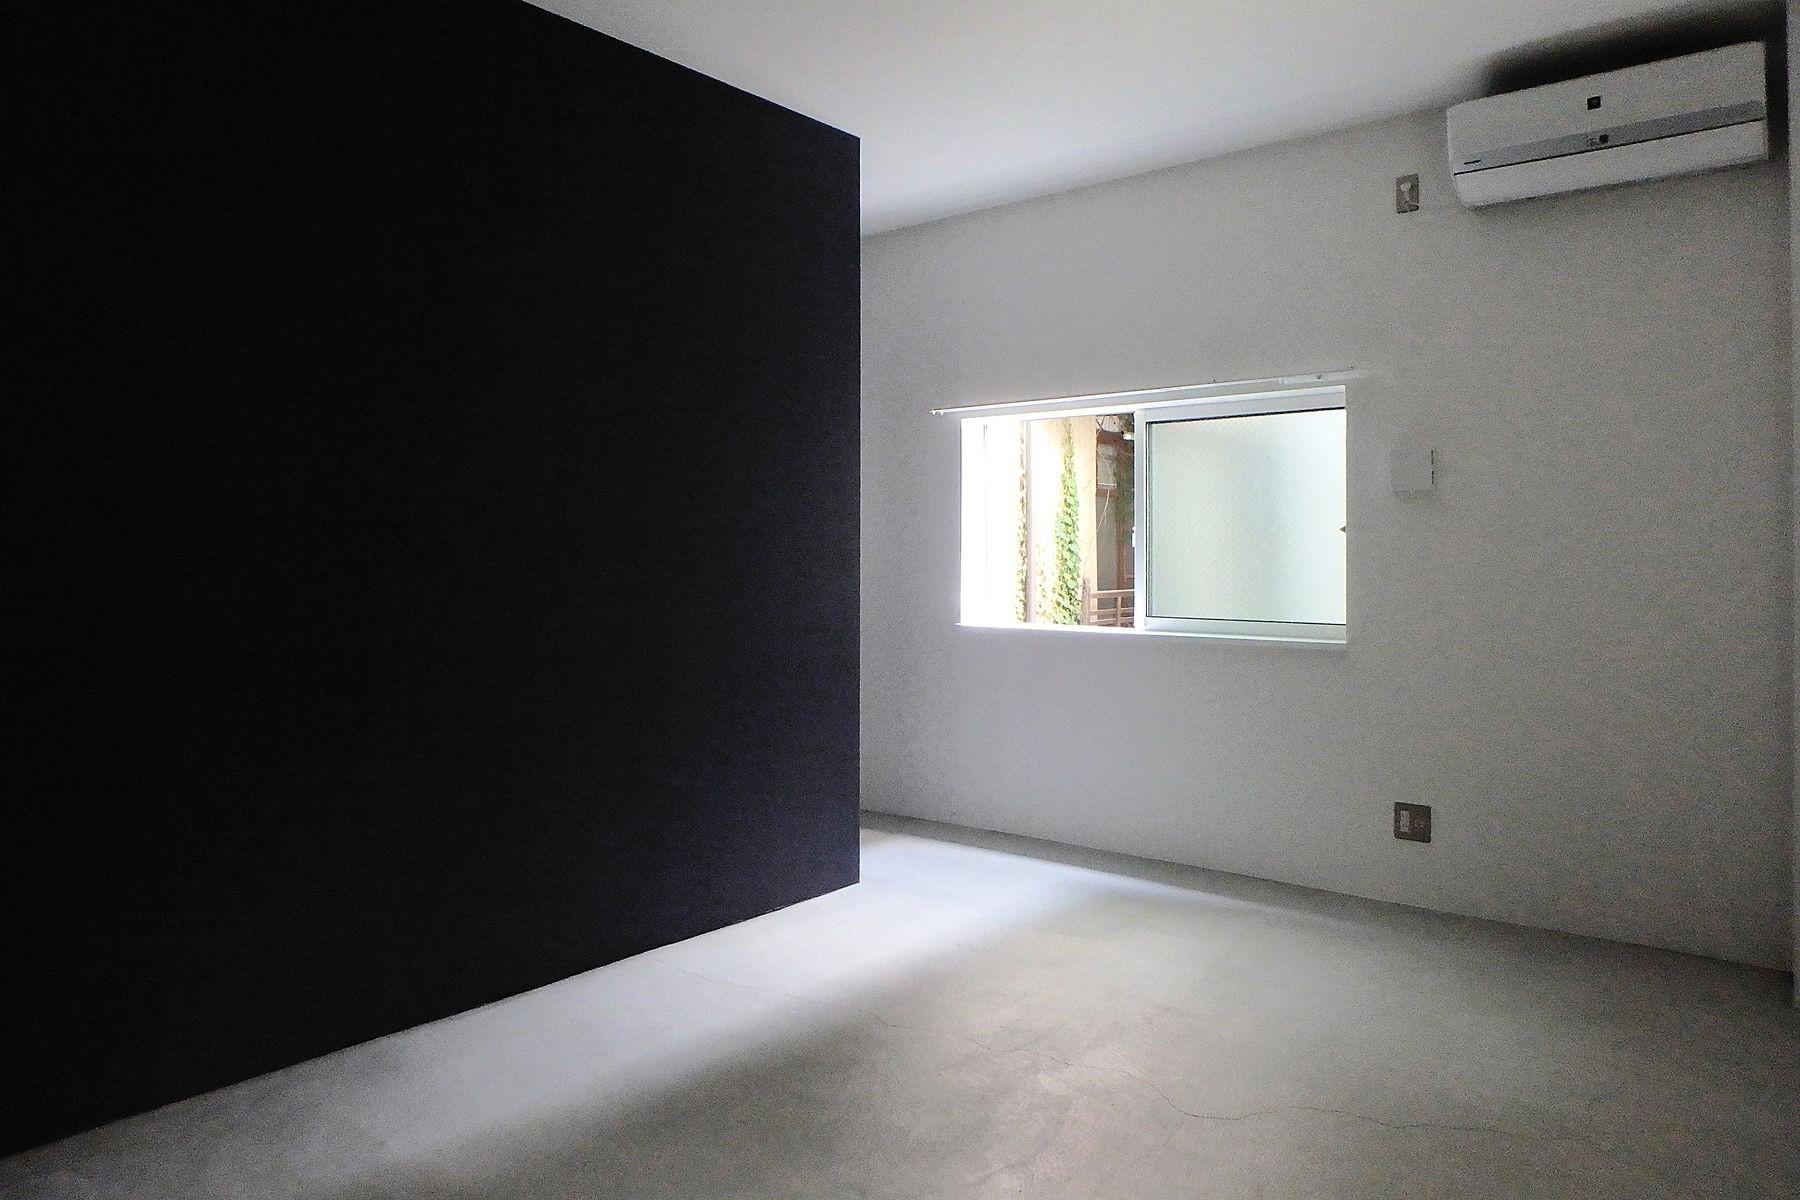 ベッドルーム事例:ゲストハウス宿泊室(Kururi|倉庫・工場をコンバージョンしたゲストハウス・シェアハウス【奈良市】)